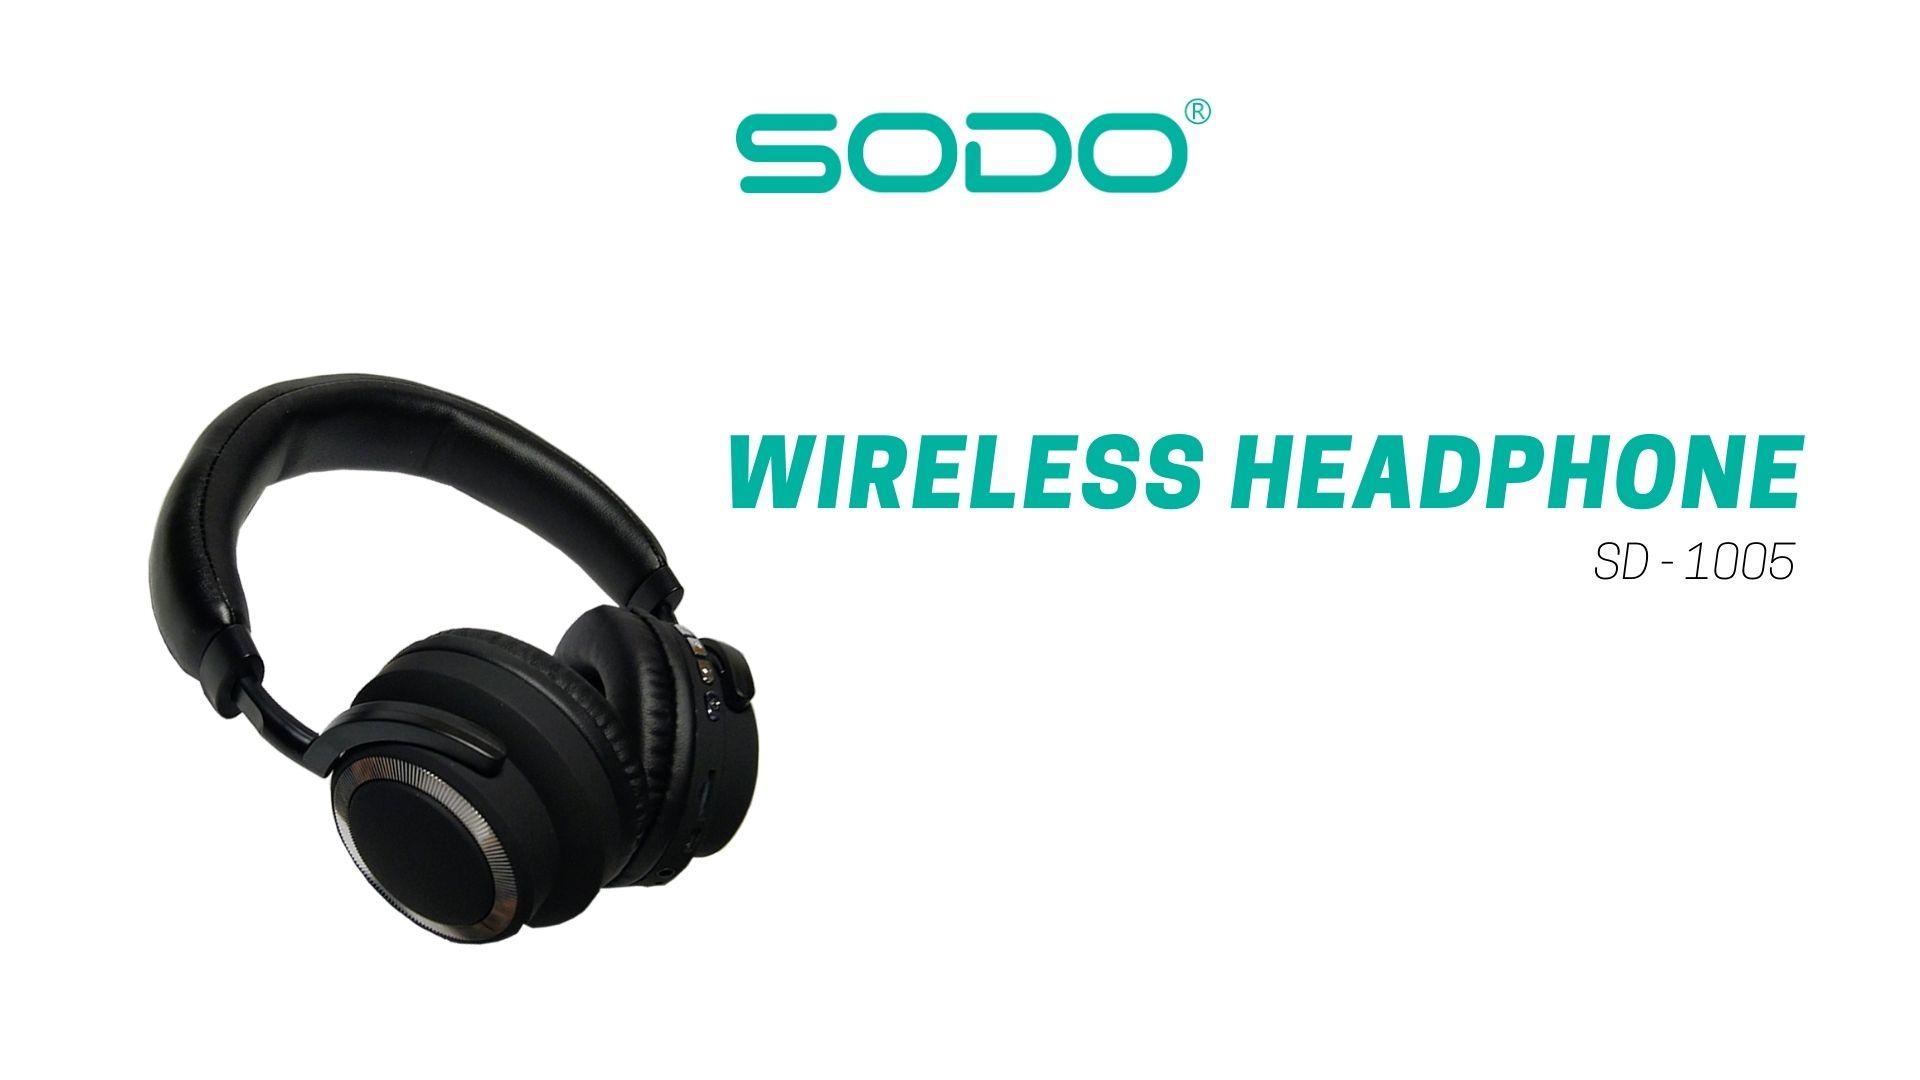 Fone De Ouvido Headset Bluetooth-5.0 1005-Sodo